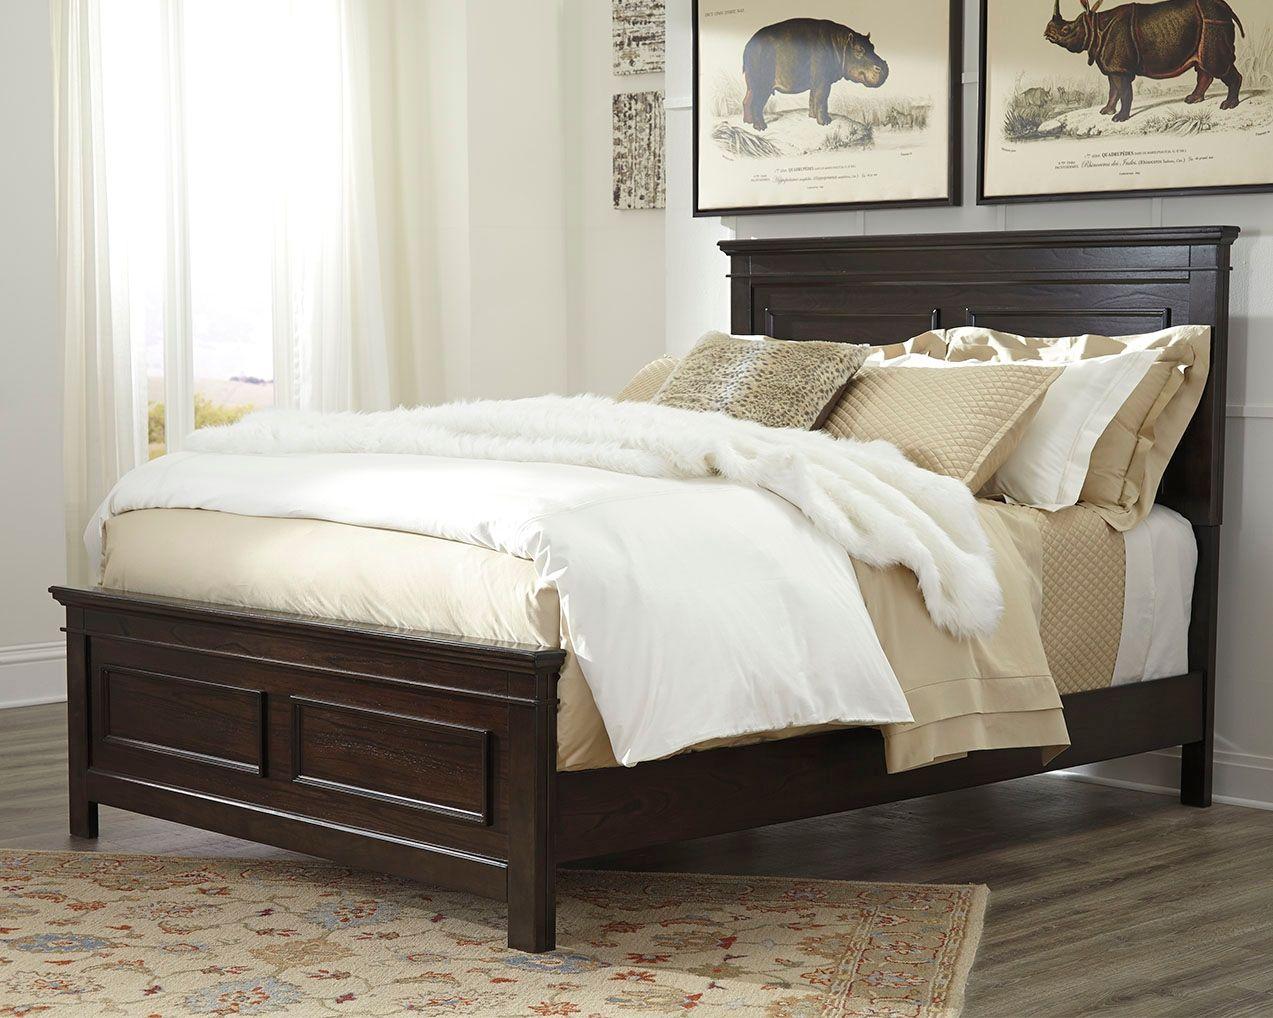 24++ Ashley furniture alexee bedroom set ideas